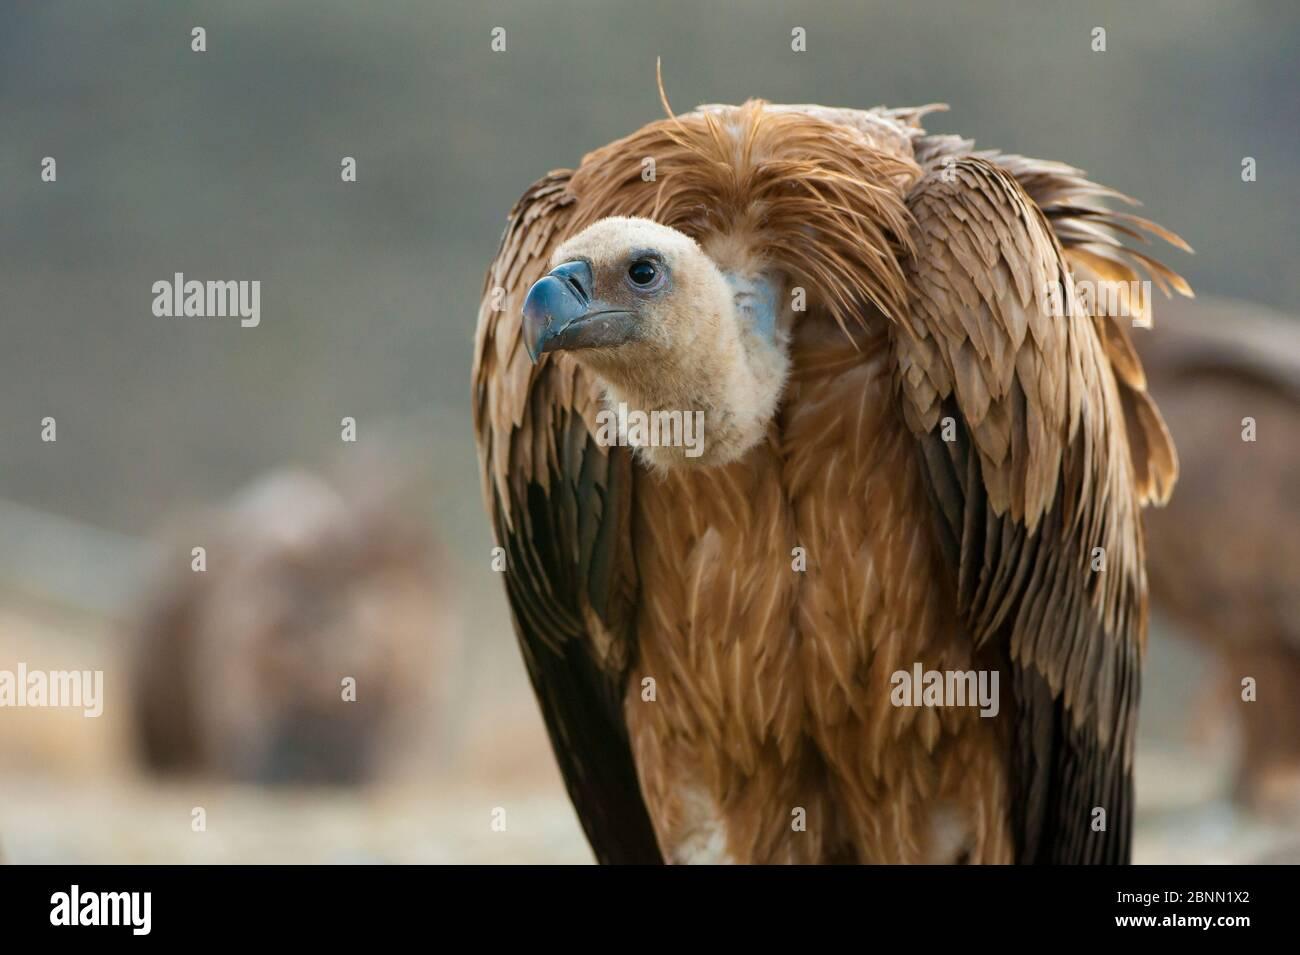 Gänsegeier (Gyps fulvus), Pyrenäen, Spanien. Stockfoto